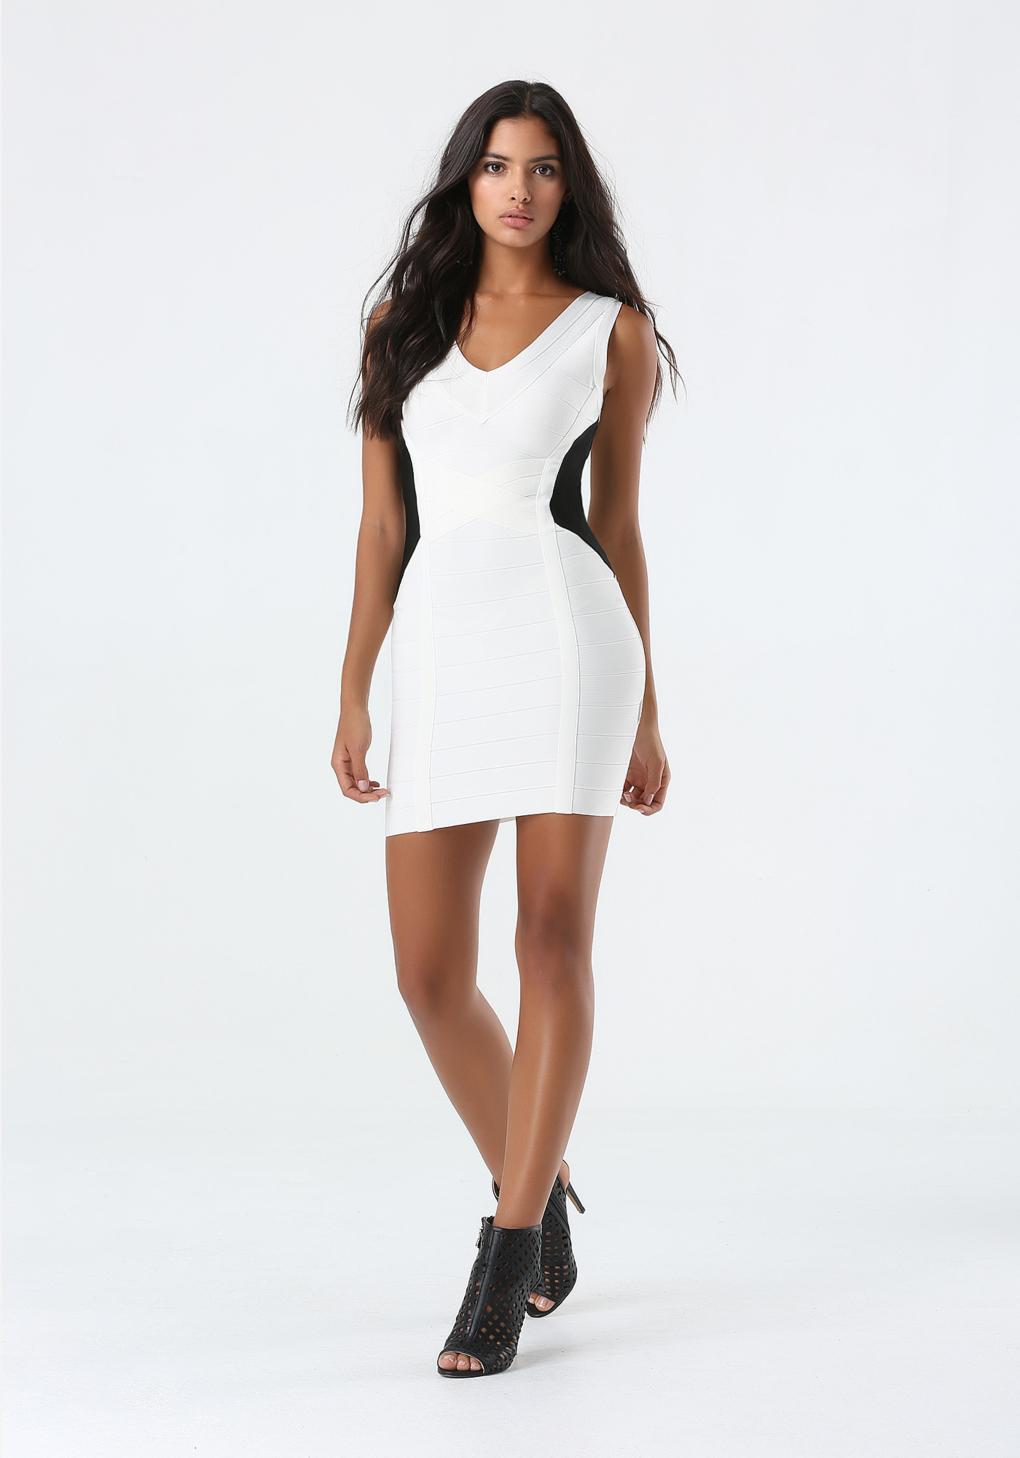 Lyst Bebe Black Amp White Bandage Dress In White